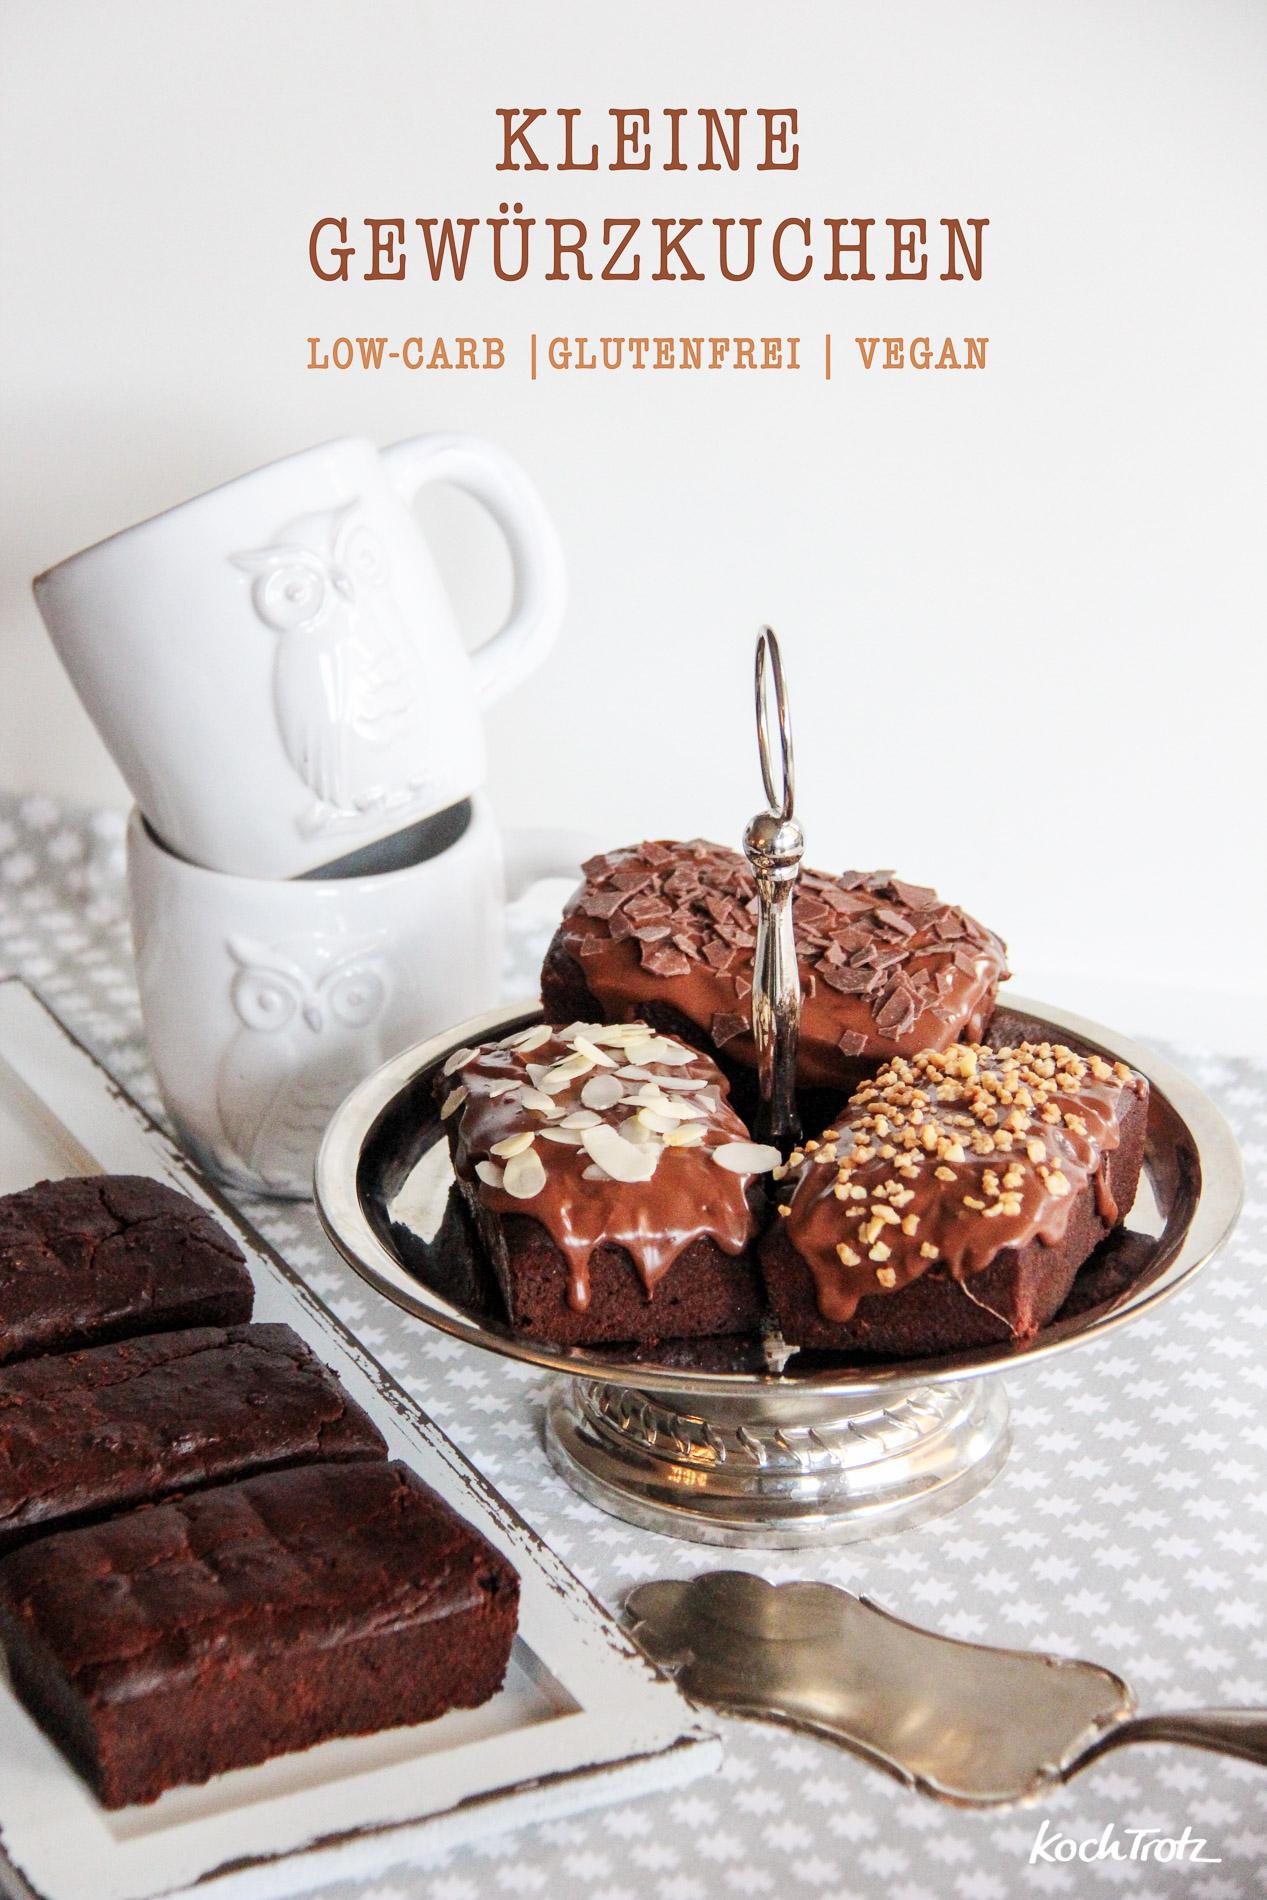 kleine-Gewürzkuchen-glutenfrei-vegan-low-carb-1-2